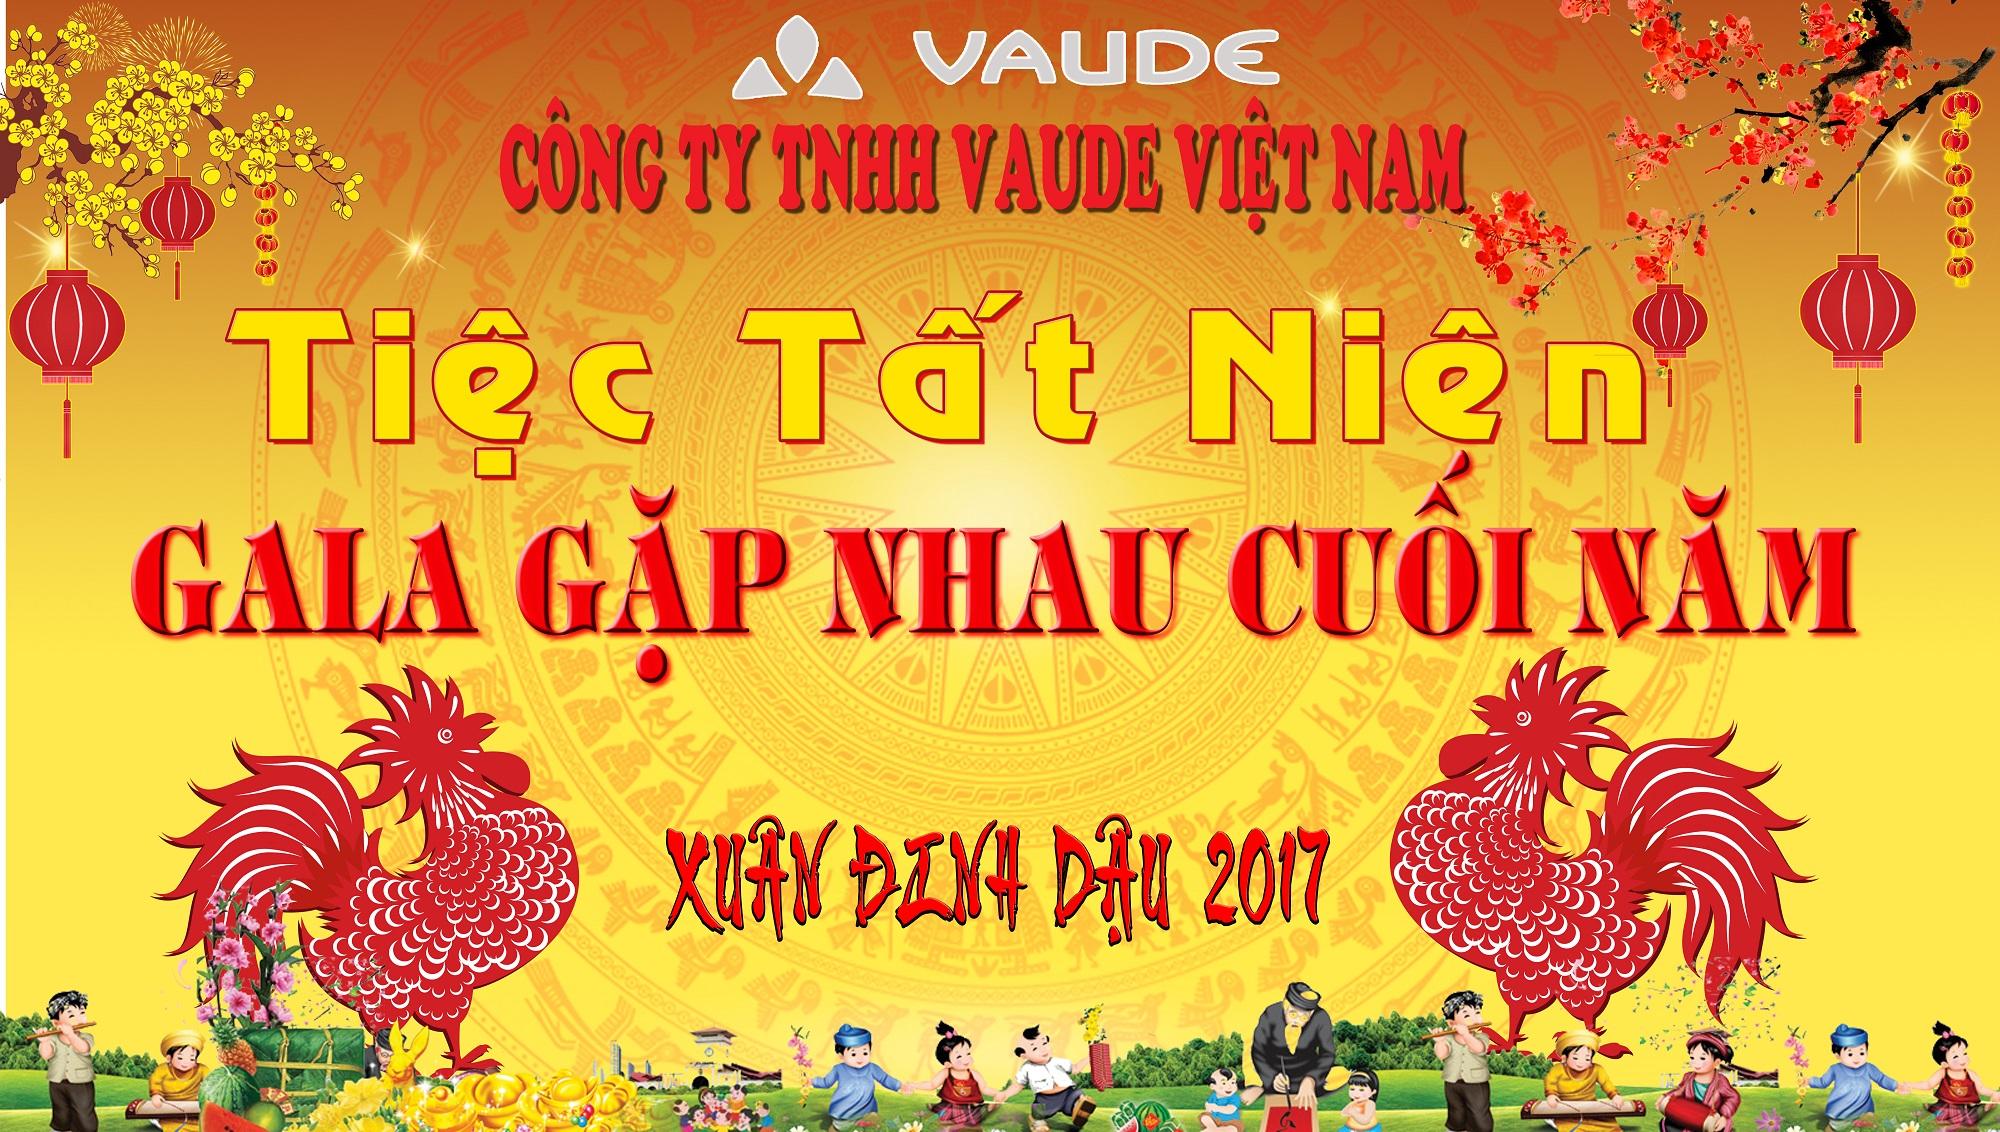 Tiệc Tất Niên của Công ty TNHH Vaude Việt Nam